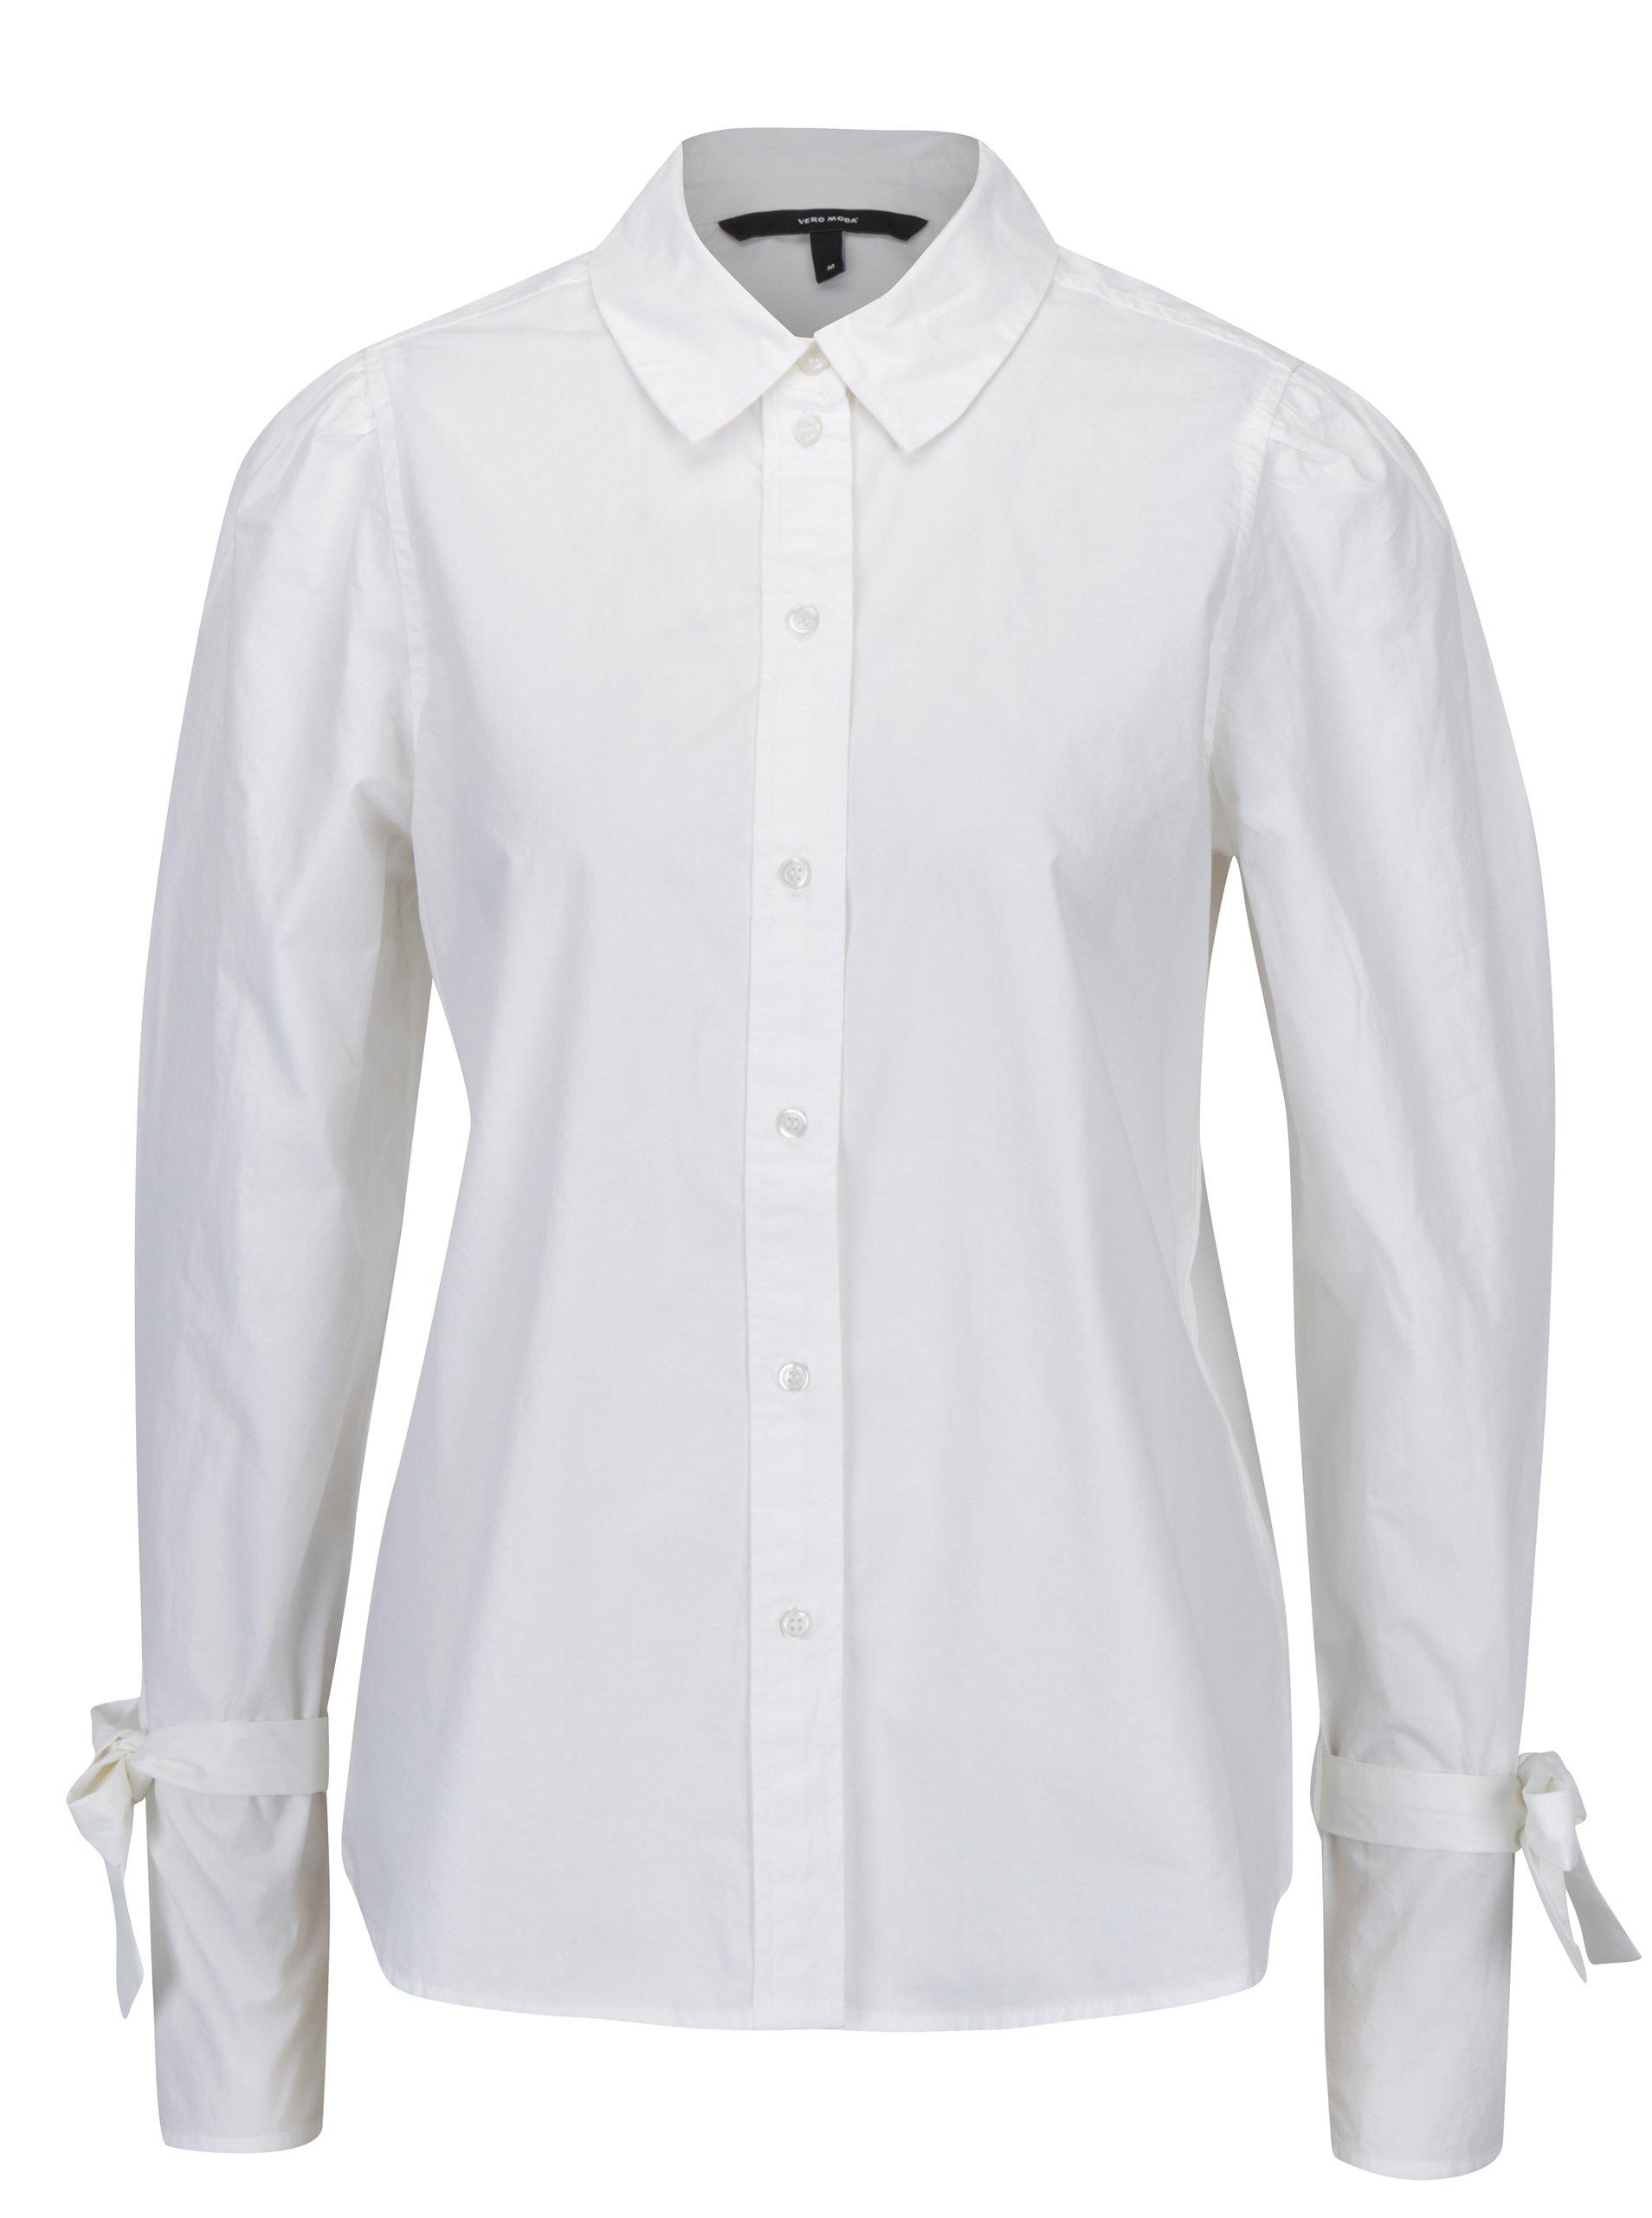 8c8d9318be54 Biela košeľa so zaväzovaním na rukávoch VERO MODA Juljane